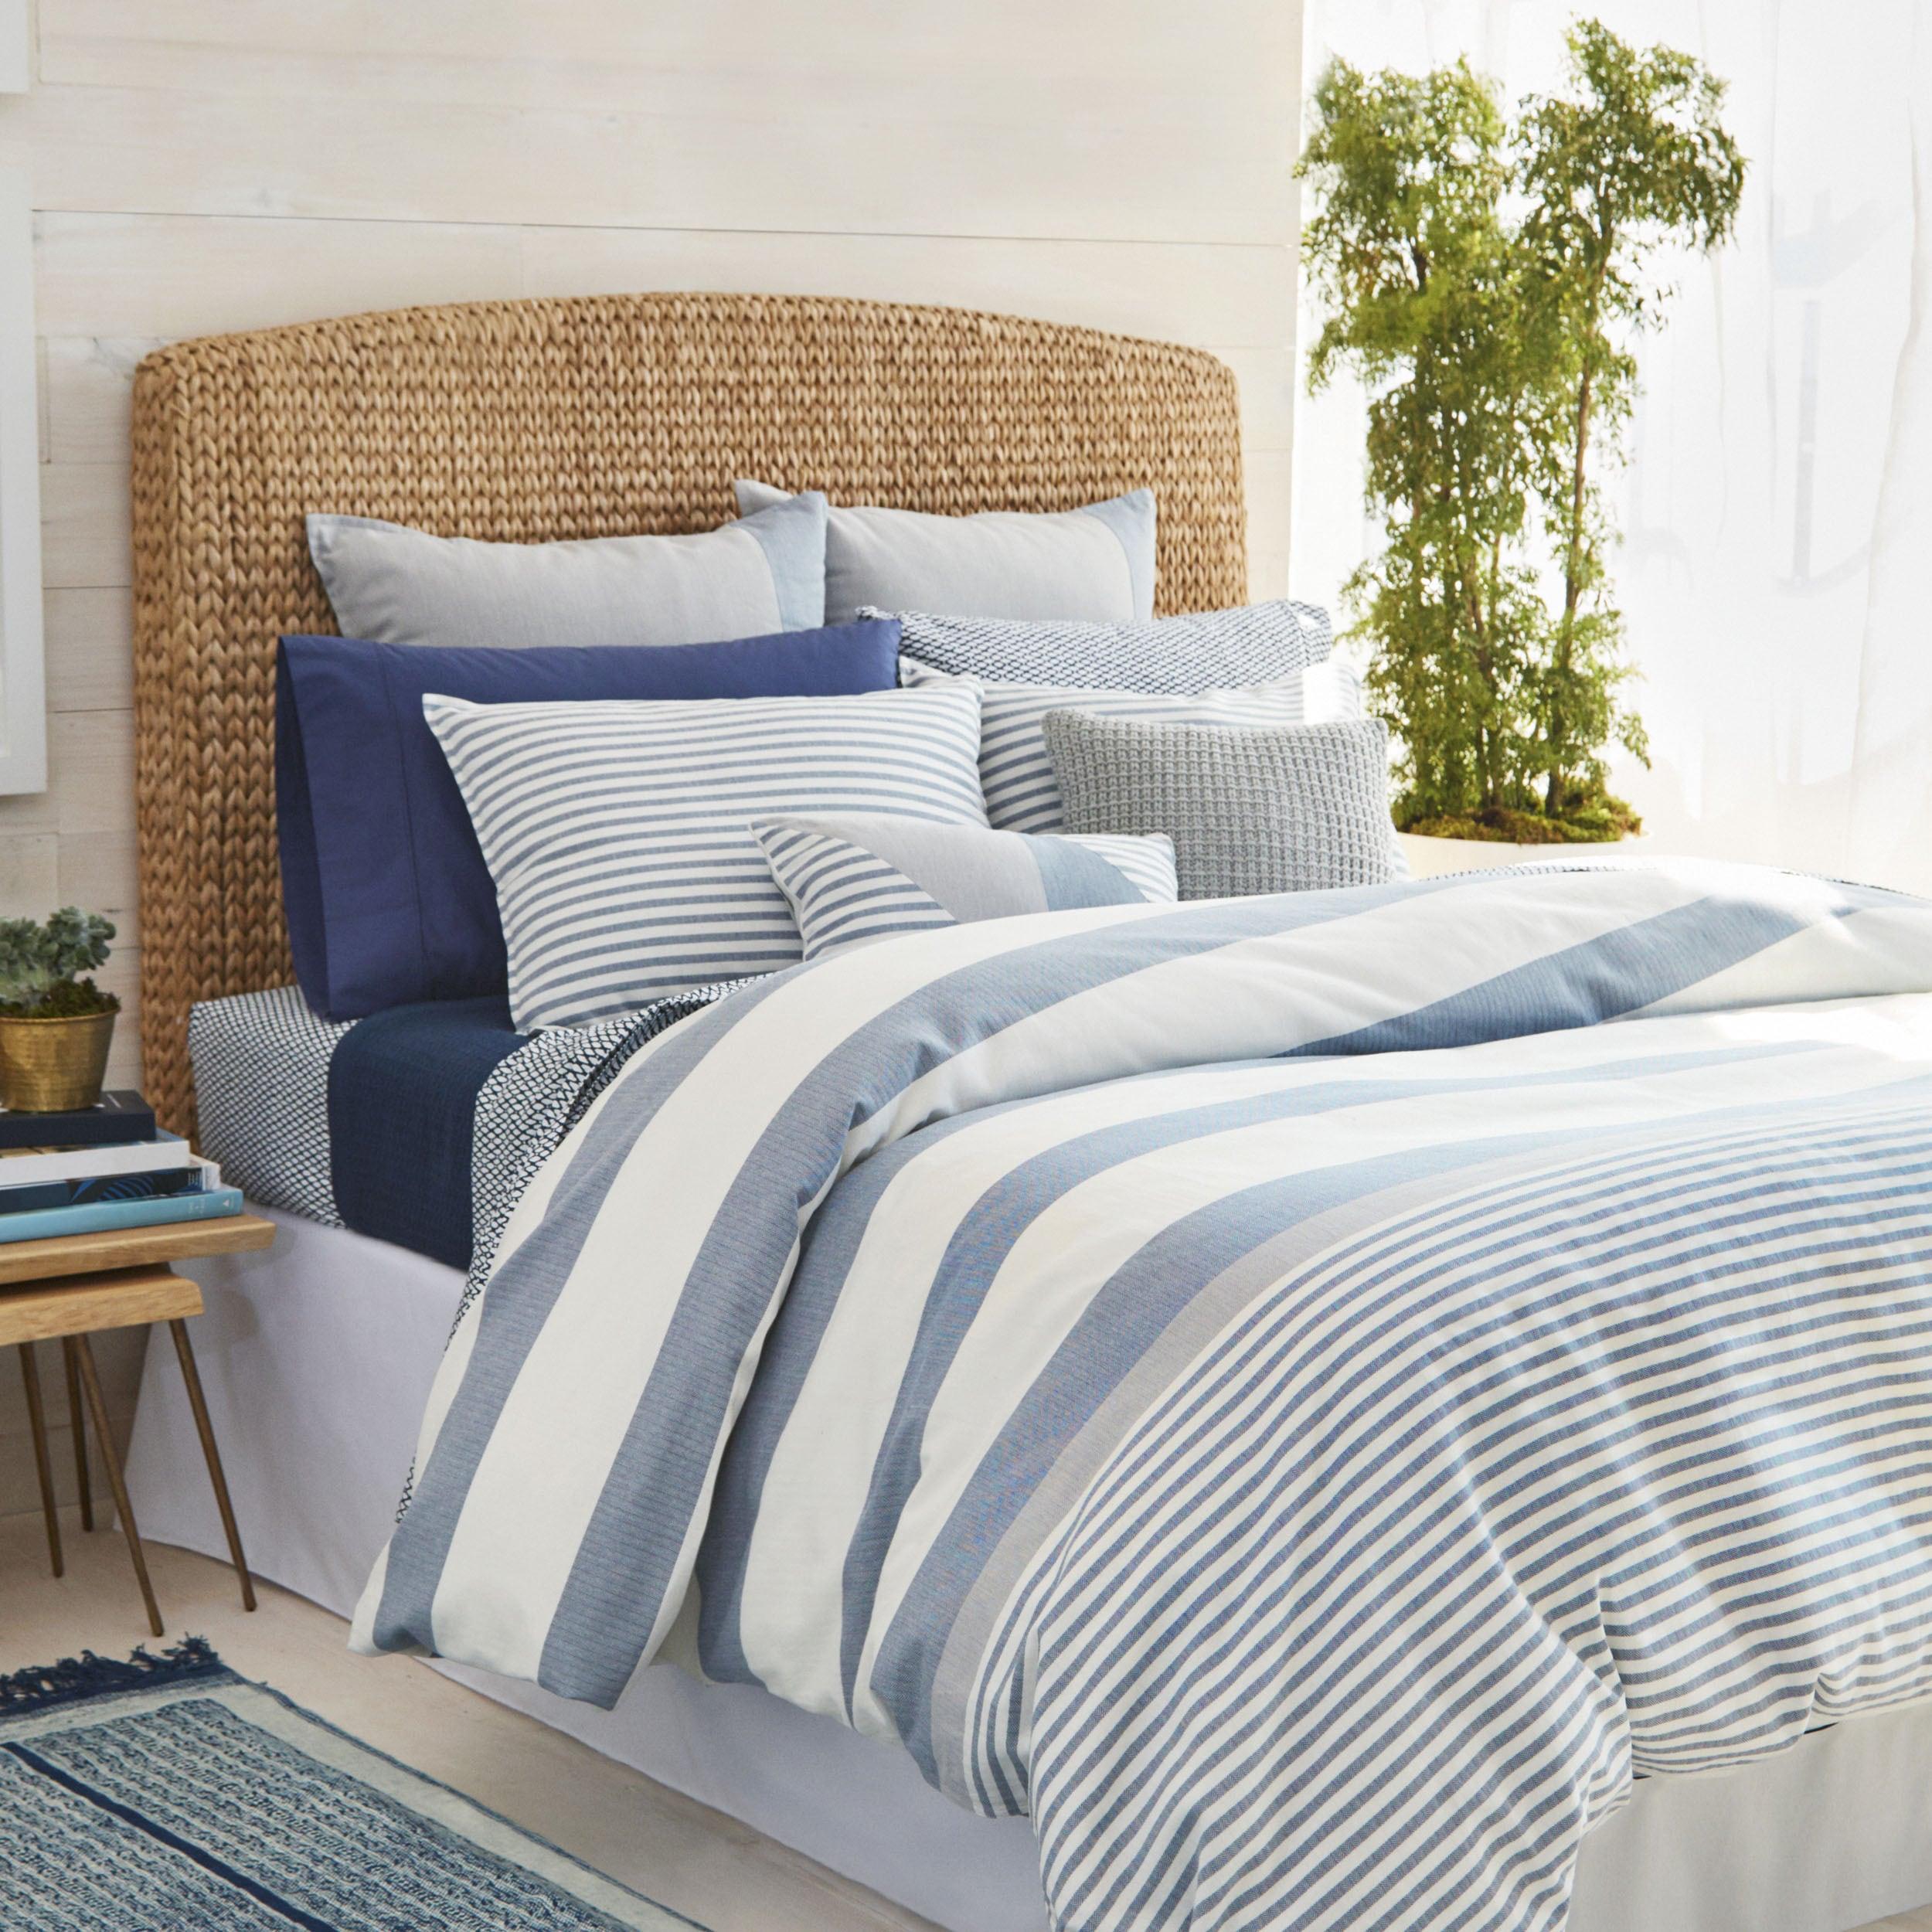 comforter pc pin seashell nantucket nautical shell coastal sets set coverlet bed bedding sea